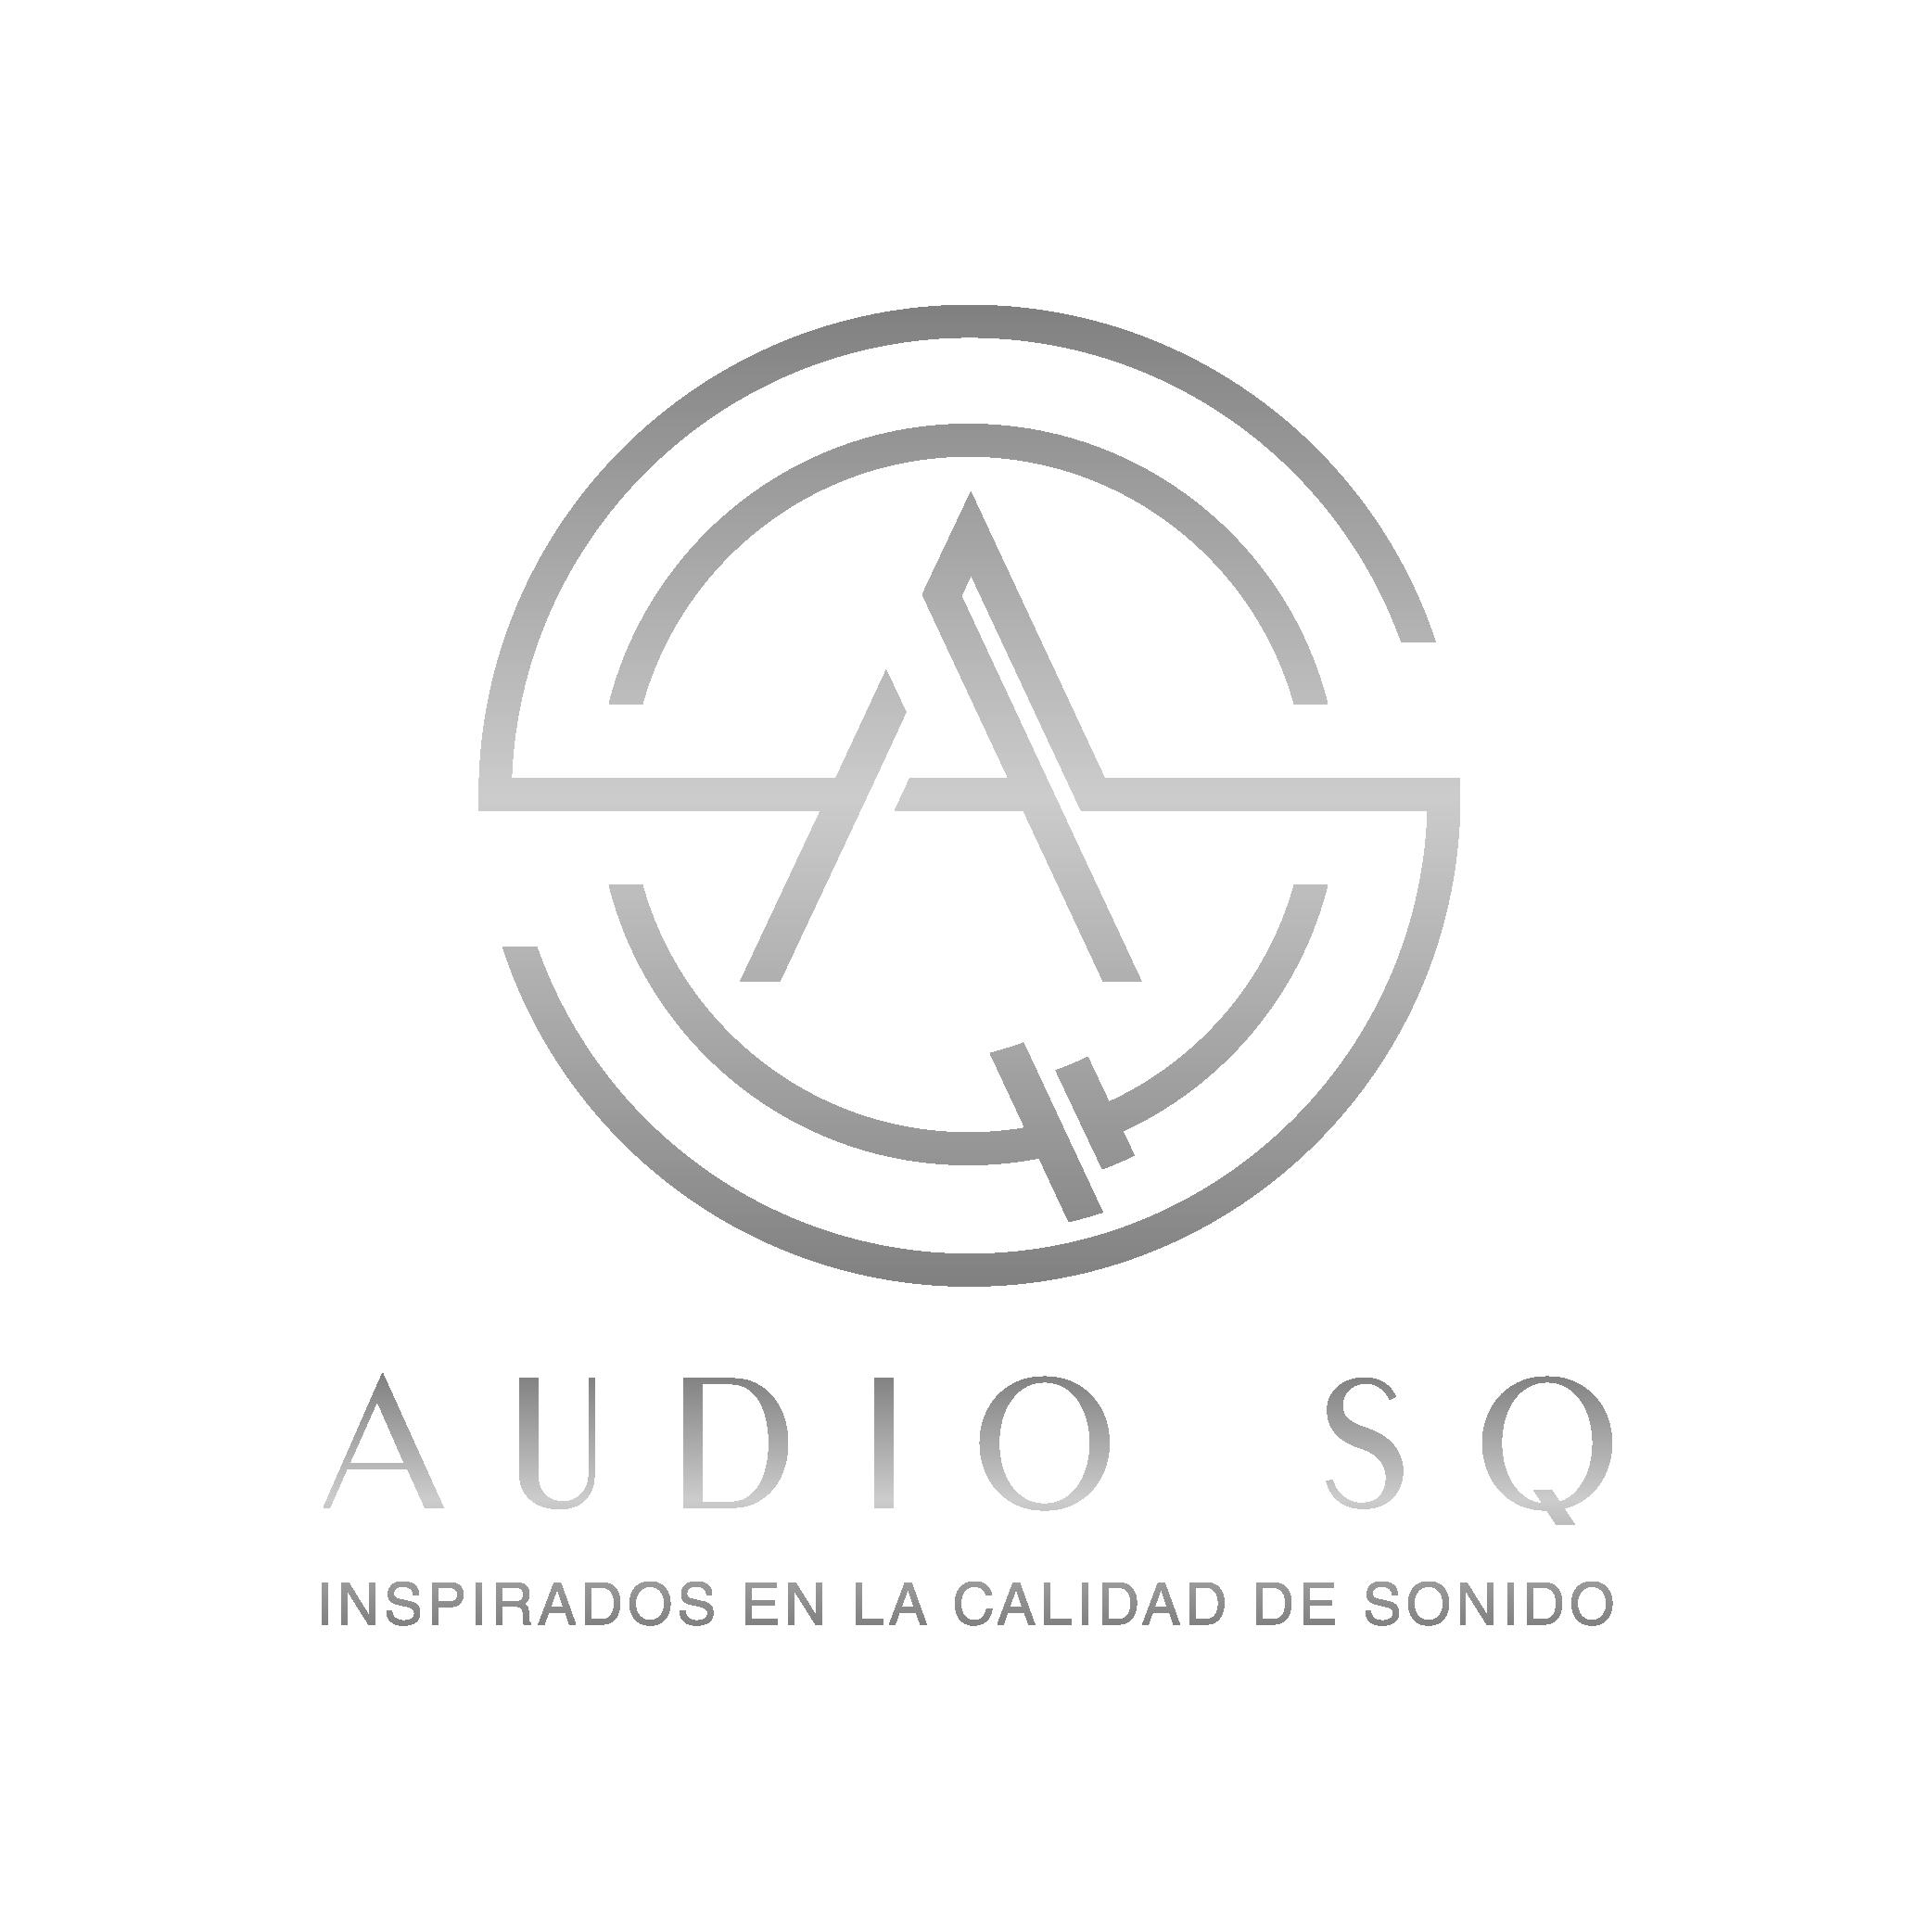 Audio SQ